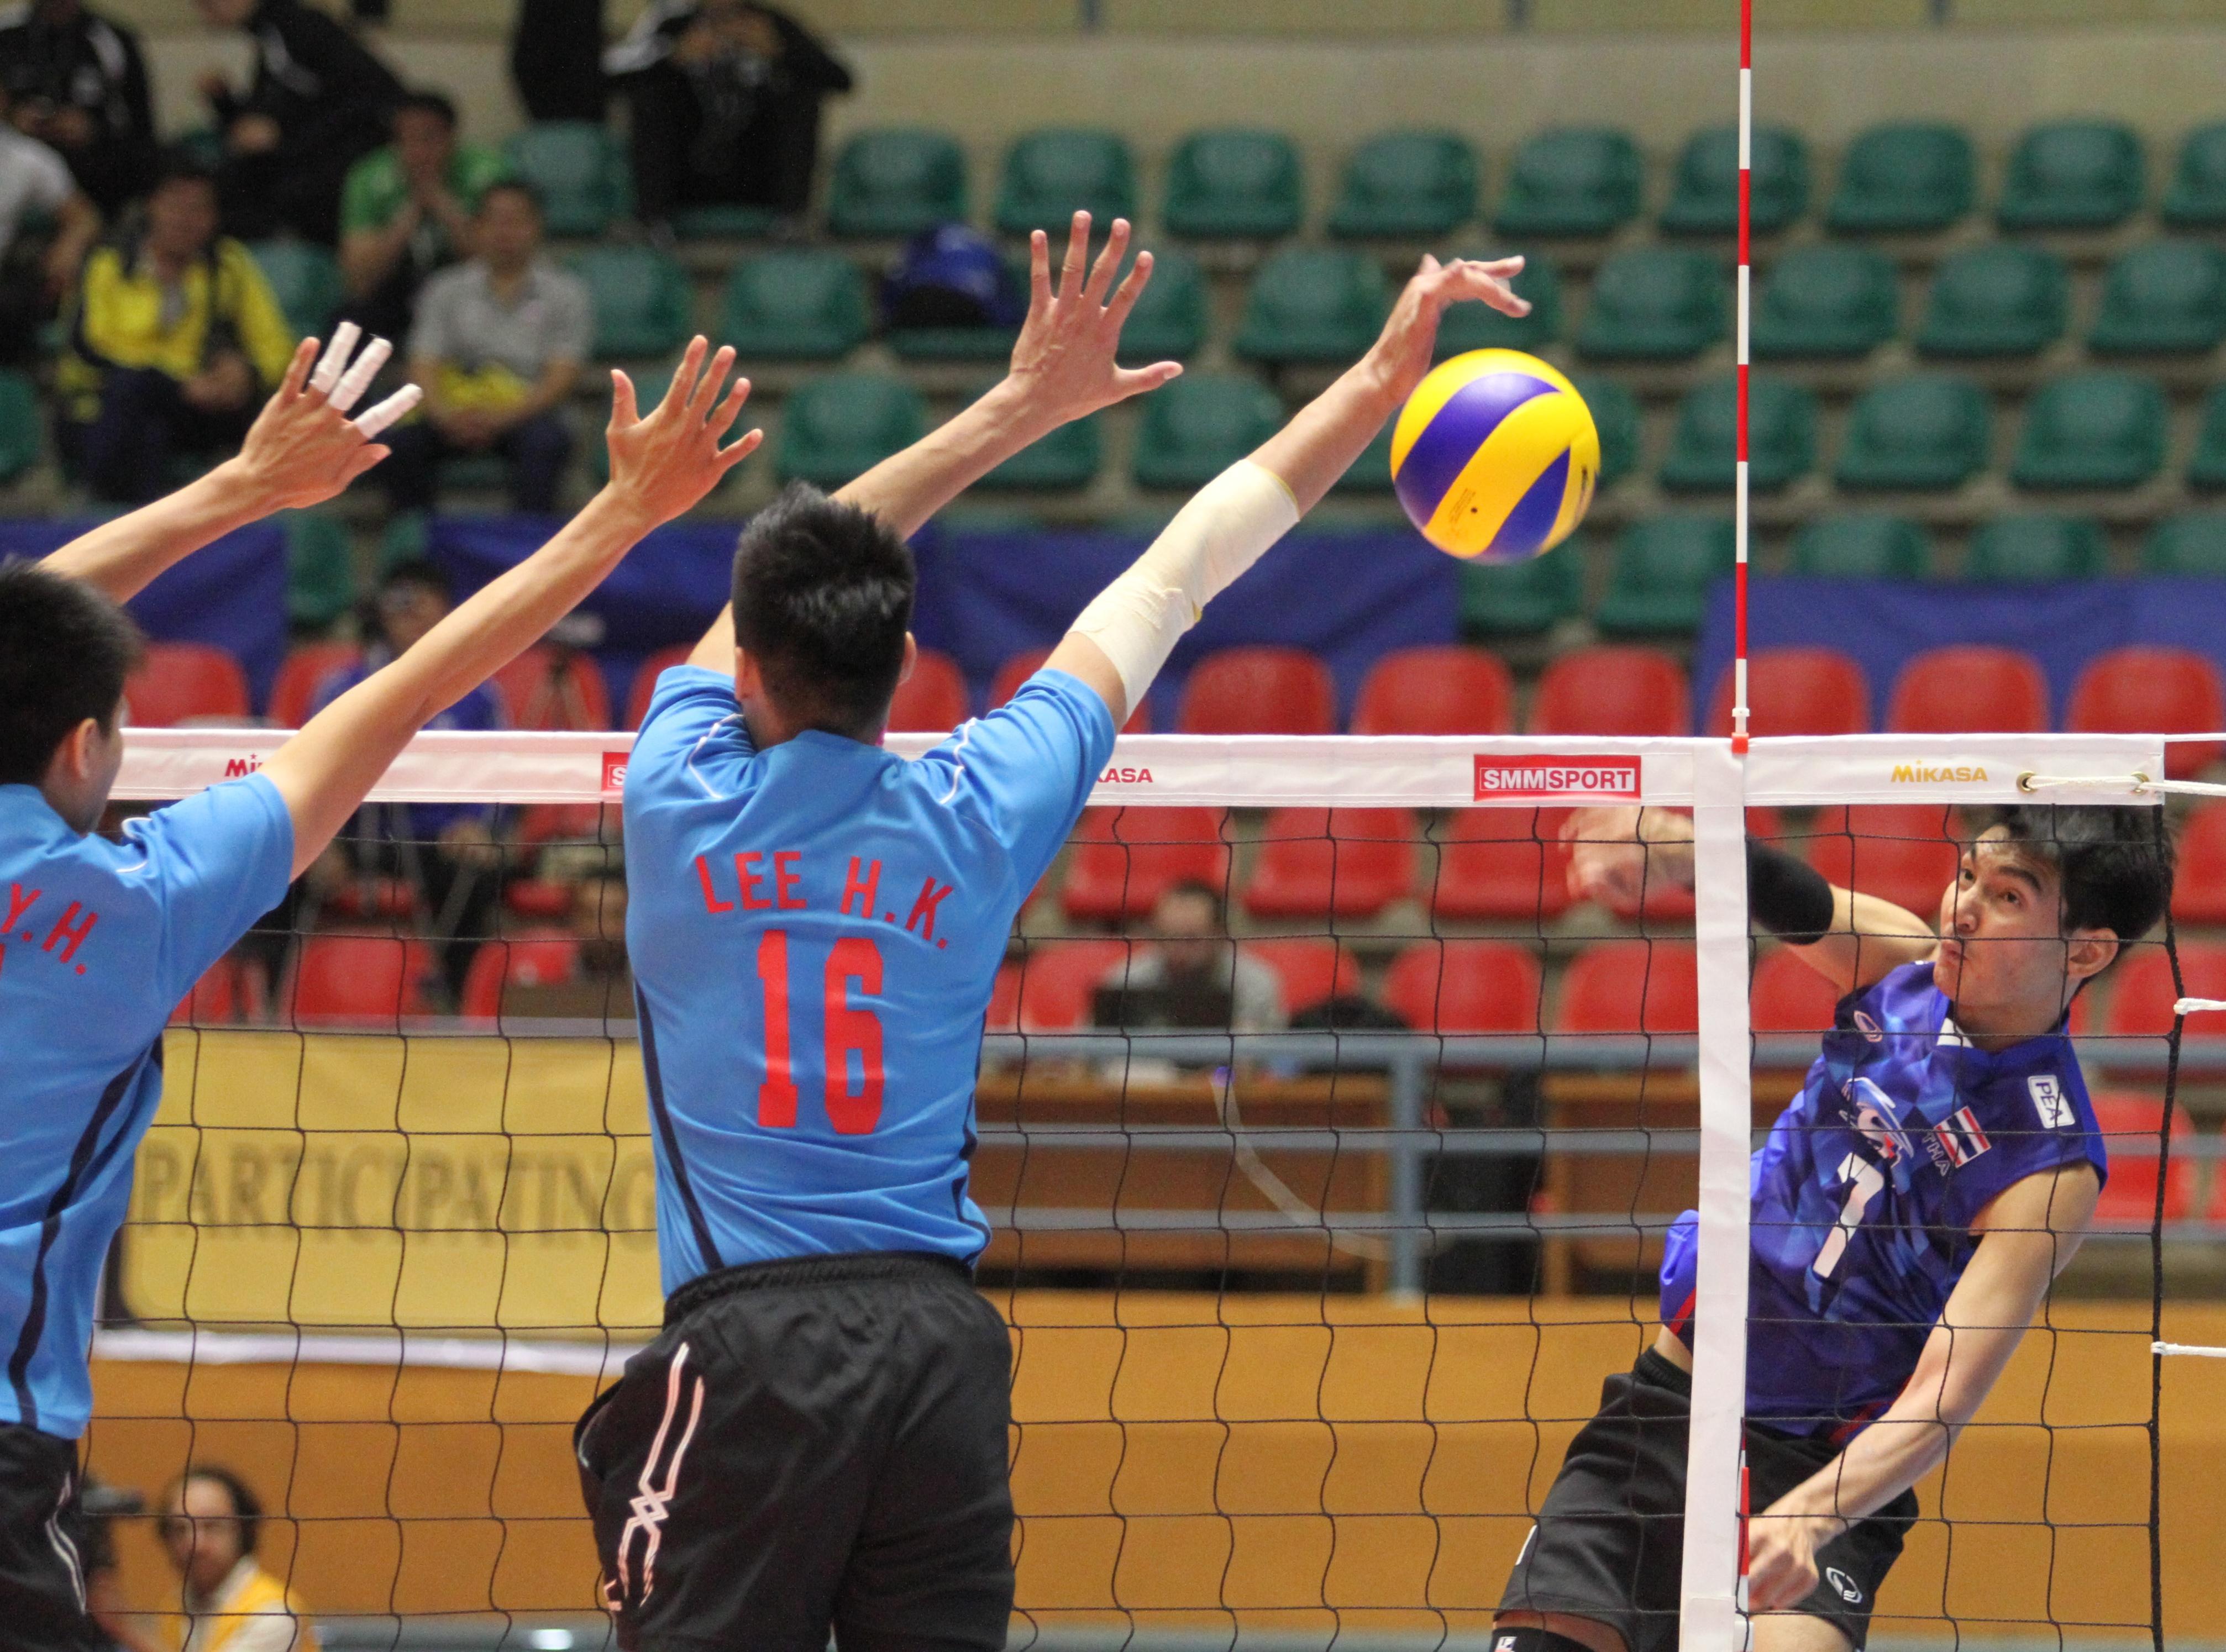 ไทย ชนะ ไต้หวัน 3-2 เซต ในการแข่งขันวอลเลย์บอลชายU-23 ชิงแชมป์เอเชีย –  ยินดีต้อนรับเข้าสู่เว็บไซต์สมาคมกีฬาวอลเลย์บอลแห่งประเทศไทย